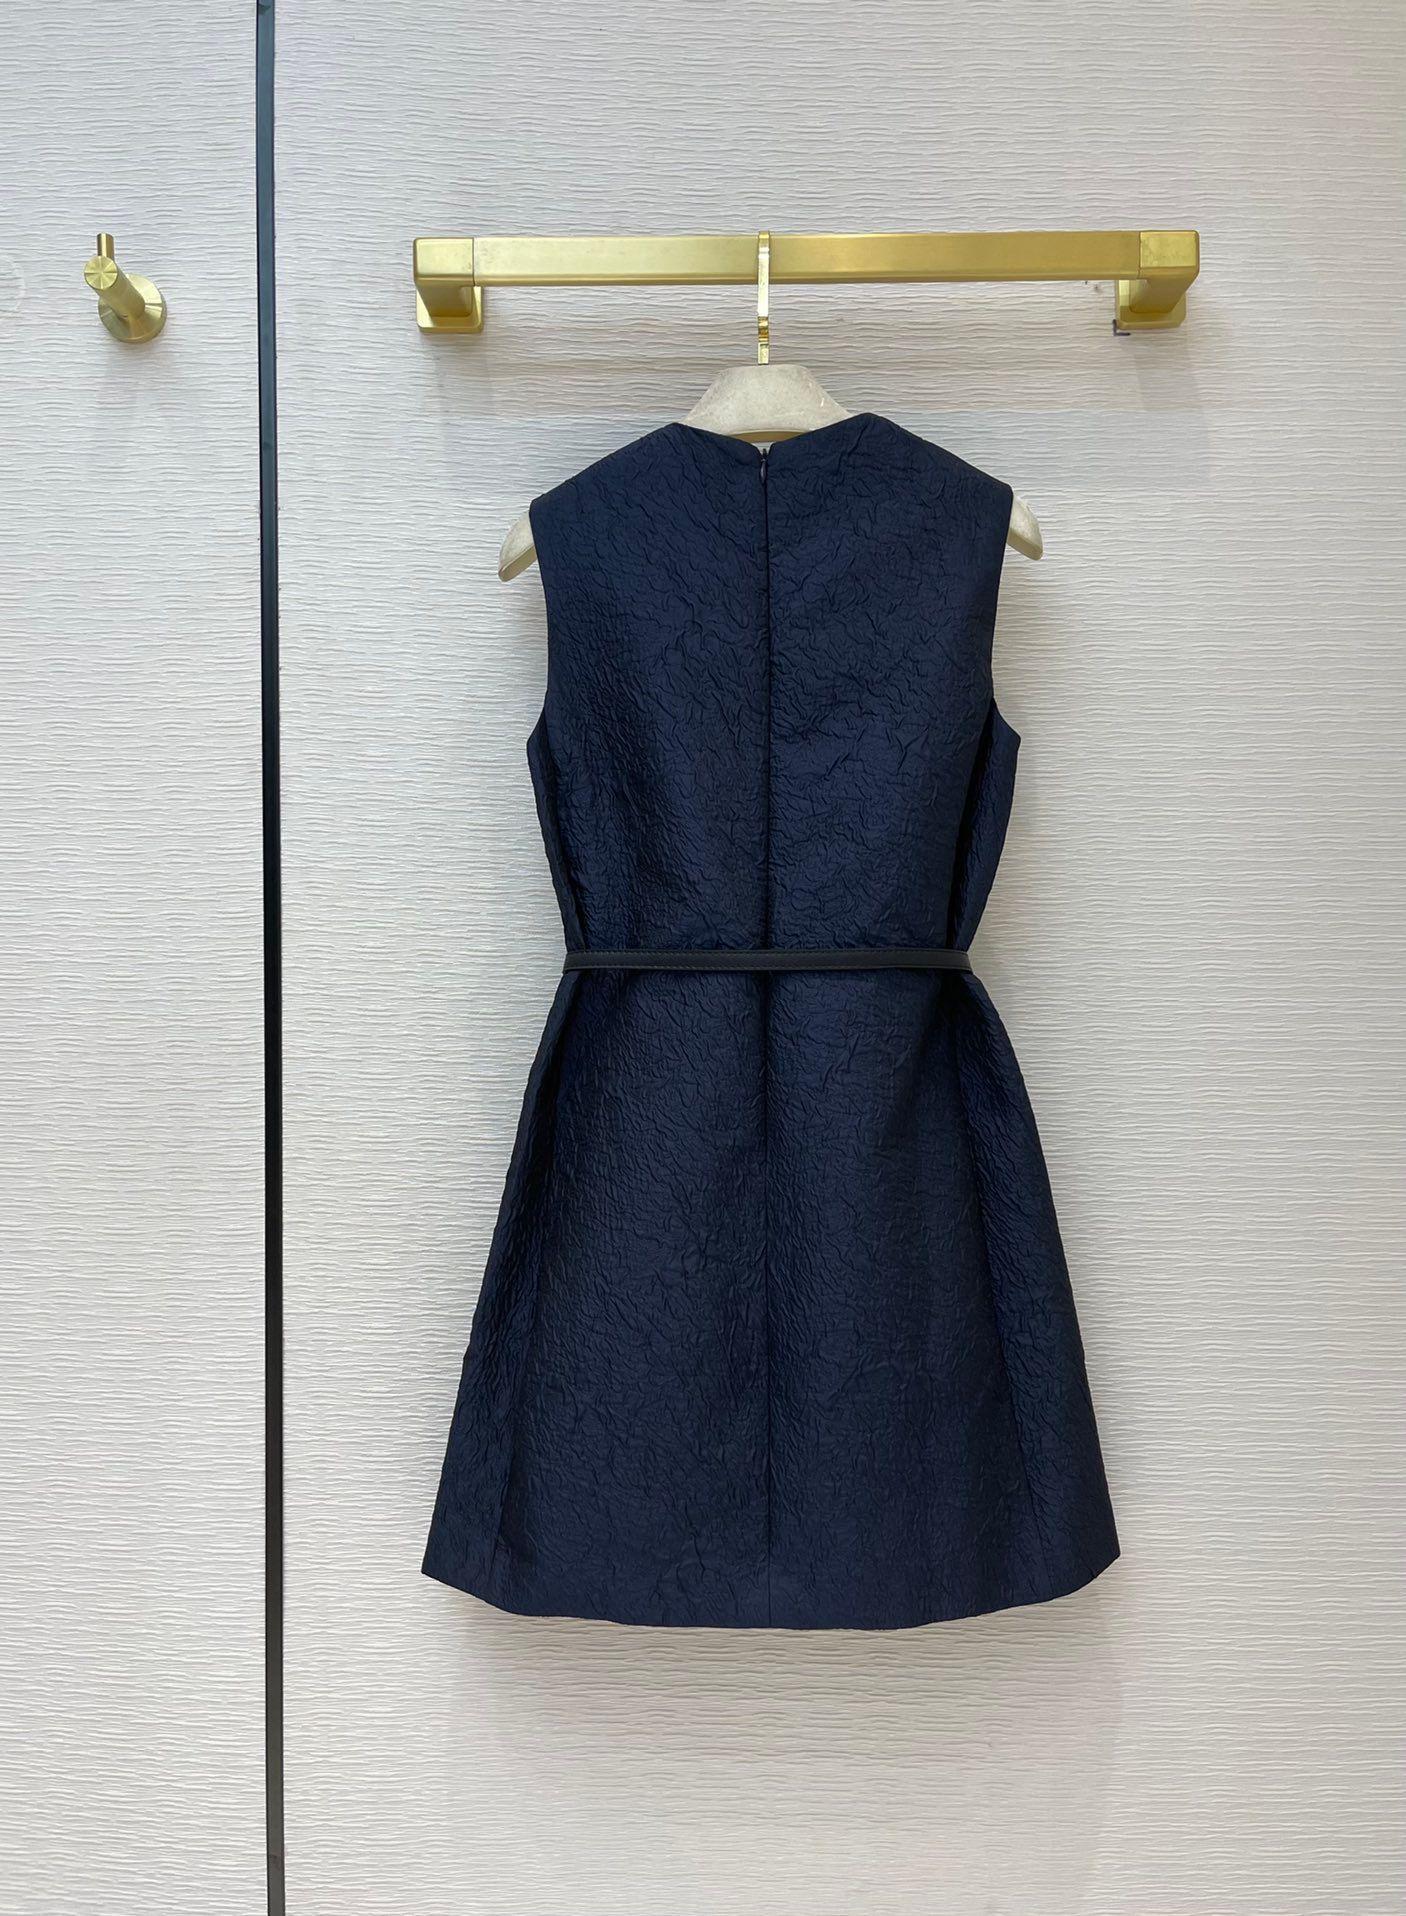 Milan Pist Elbiseler 2021 Yaz O Boyun Baskı Panelli kadın Tasarımcı Elbise Marka Aynı Stil Etekler 0321-21